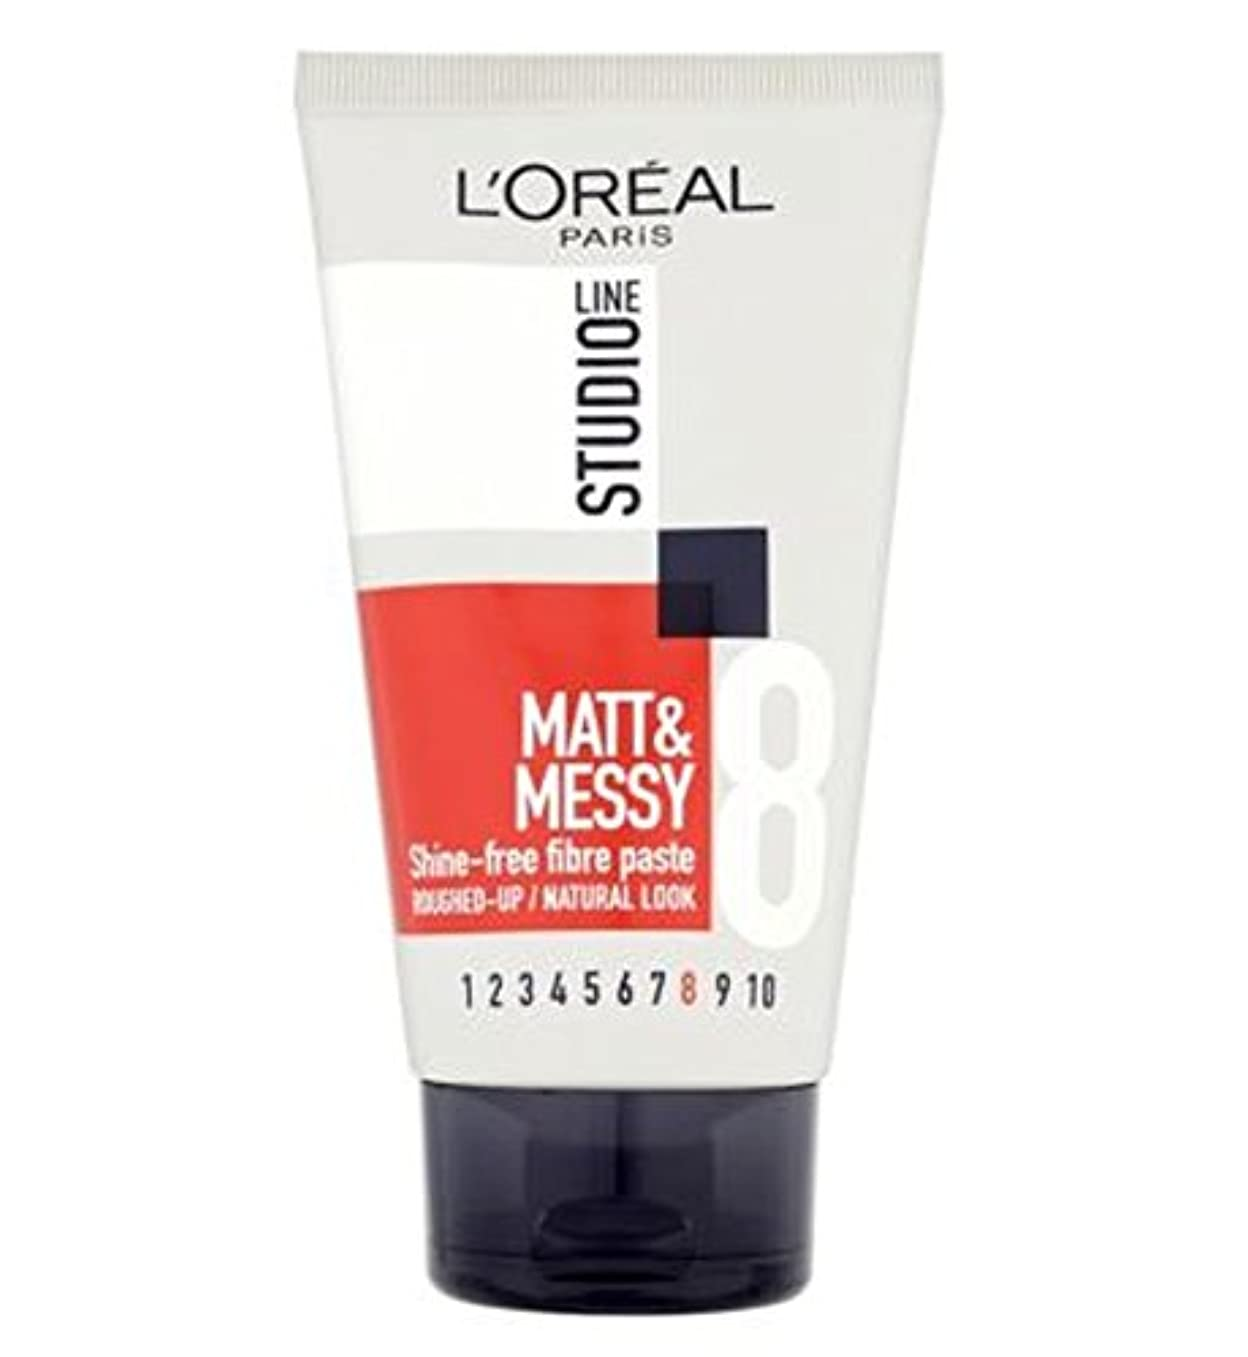 道を作るアルコール顔料L'Oreall Studio Line Matt & Messy Shine-Free Fibre Paste 150ml - L'Oreallスタジオラインマット&厄介な輝きのない繊維ペースト150ミリリットル (L'Oreal...